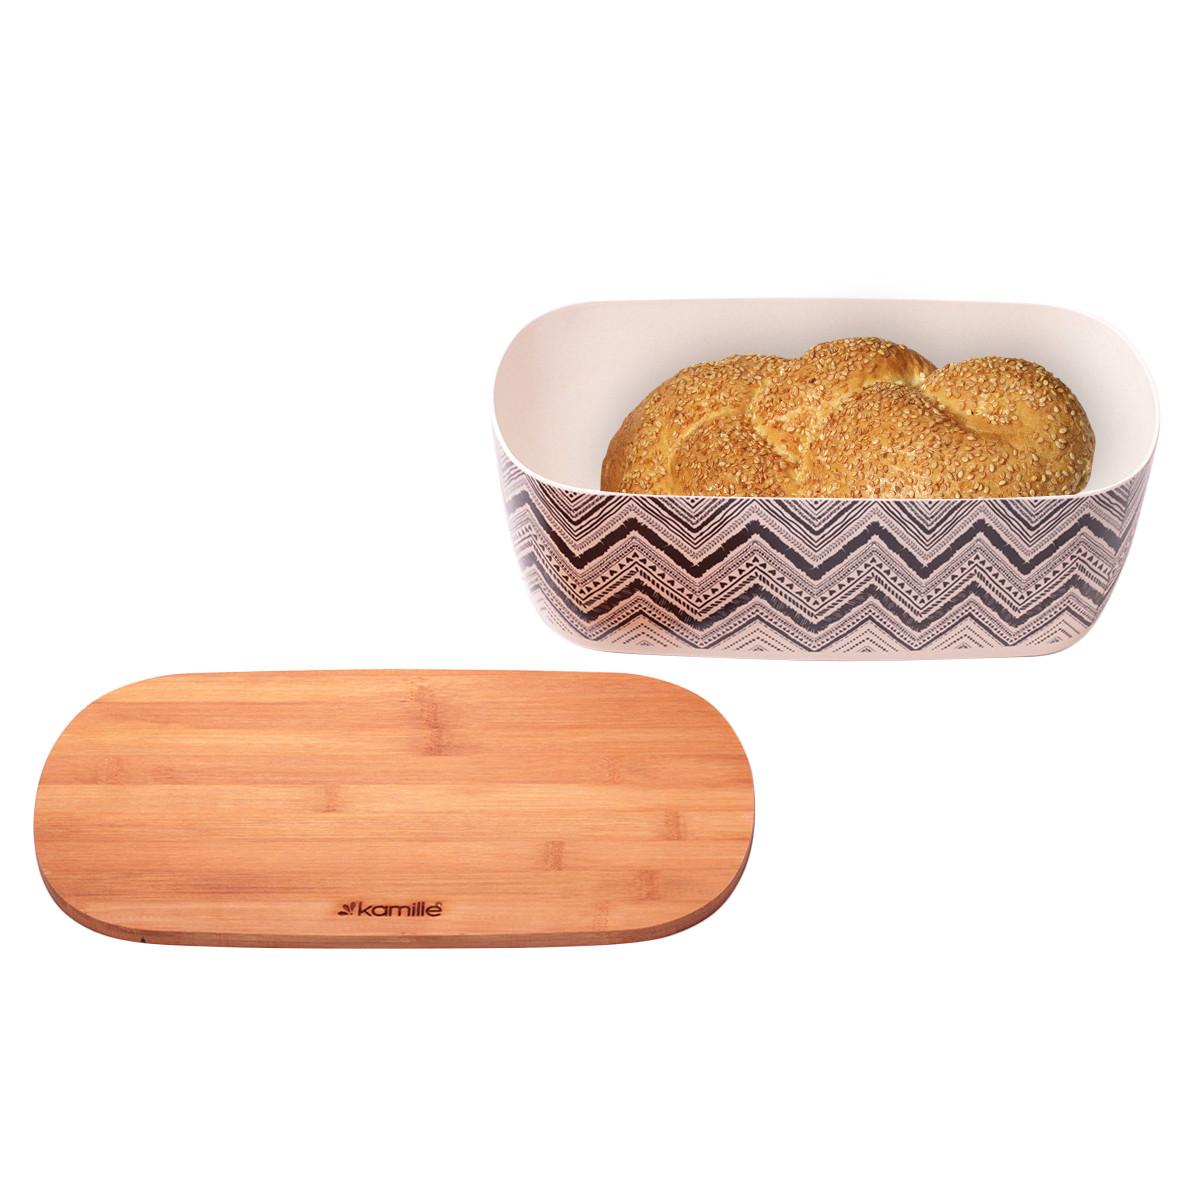 Хлебница Kamille 36*20.2*13.5см из бамбукового волокна с бамбуковой крышкой и с 3 емкостями 11*11*10.6см KM-1131